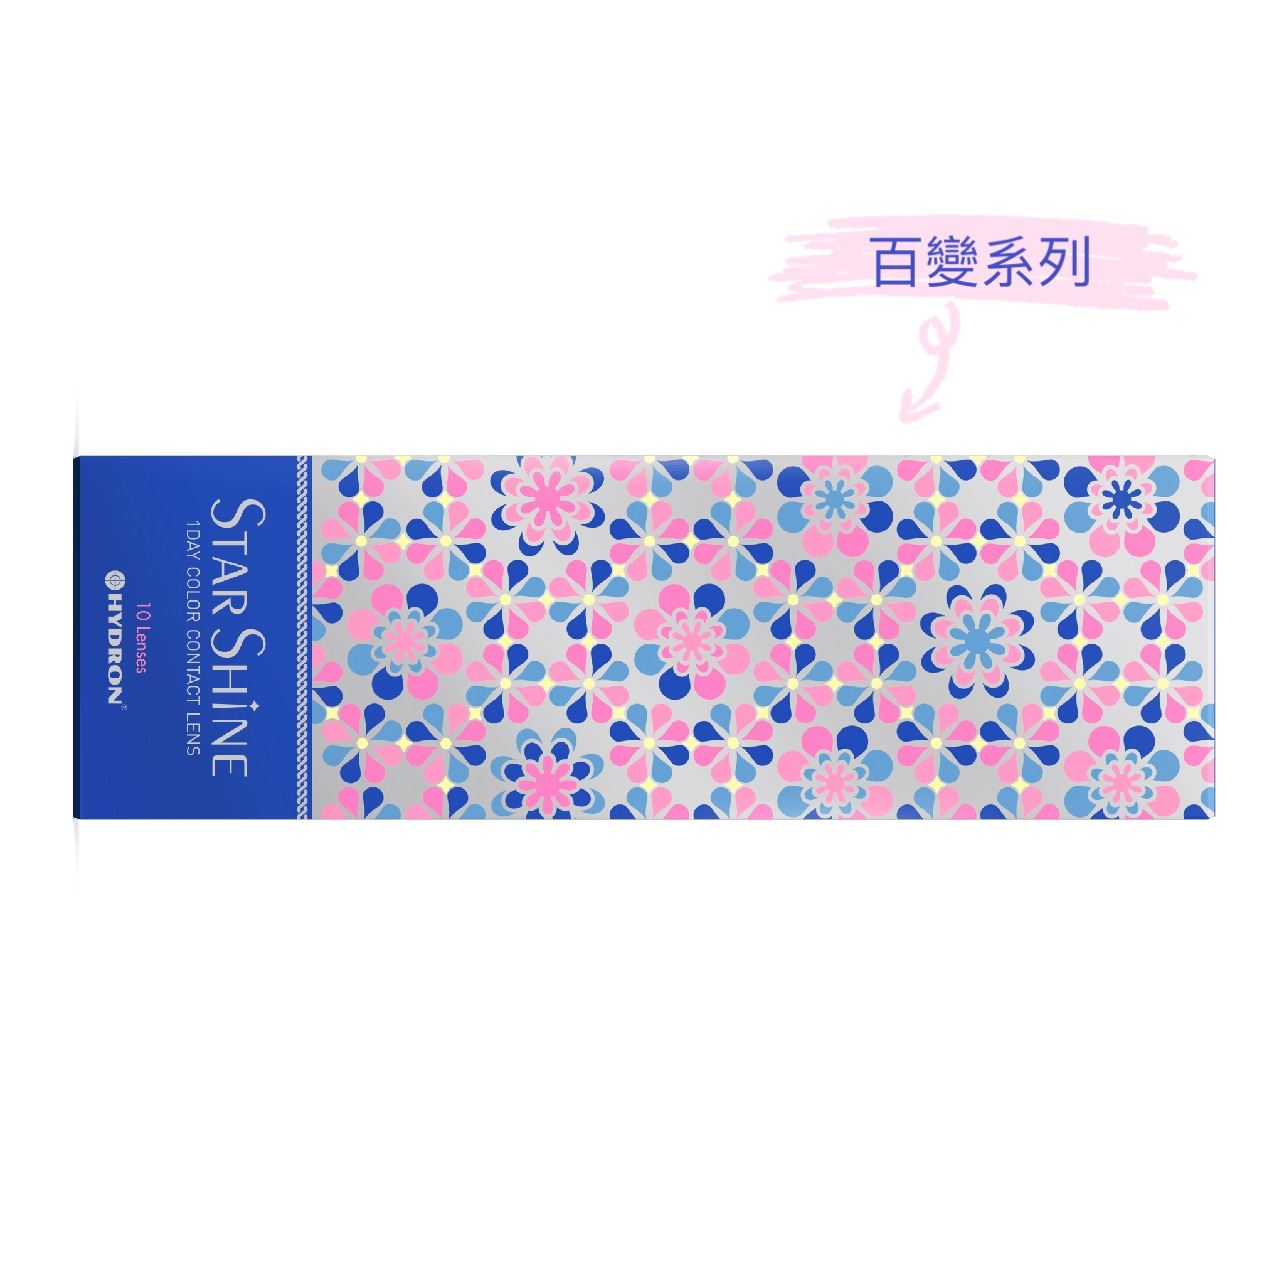 海昌百變彩色日拋(10片裝)1